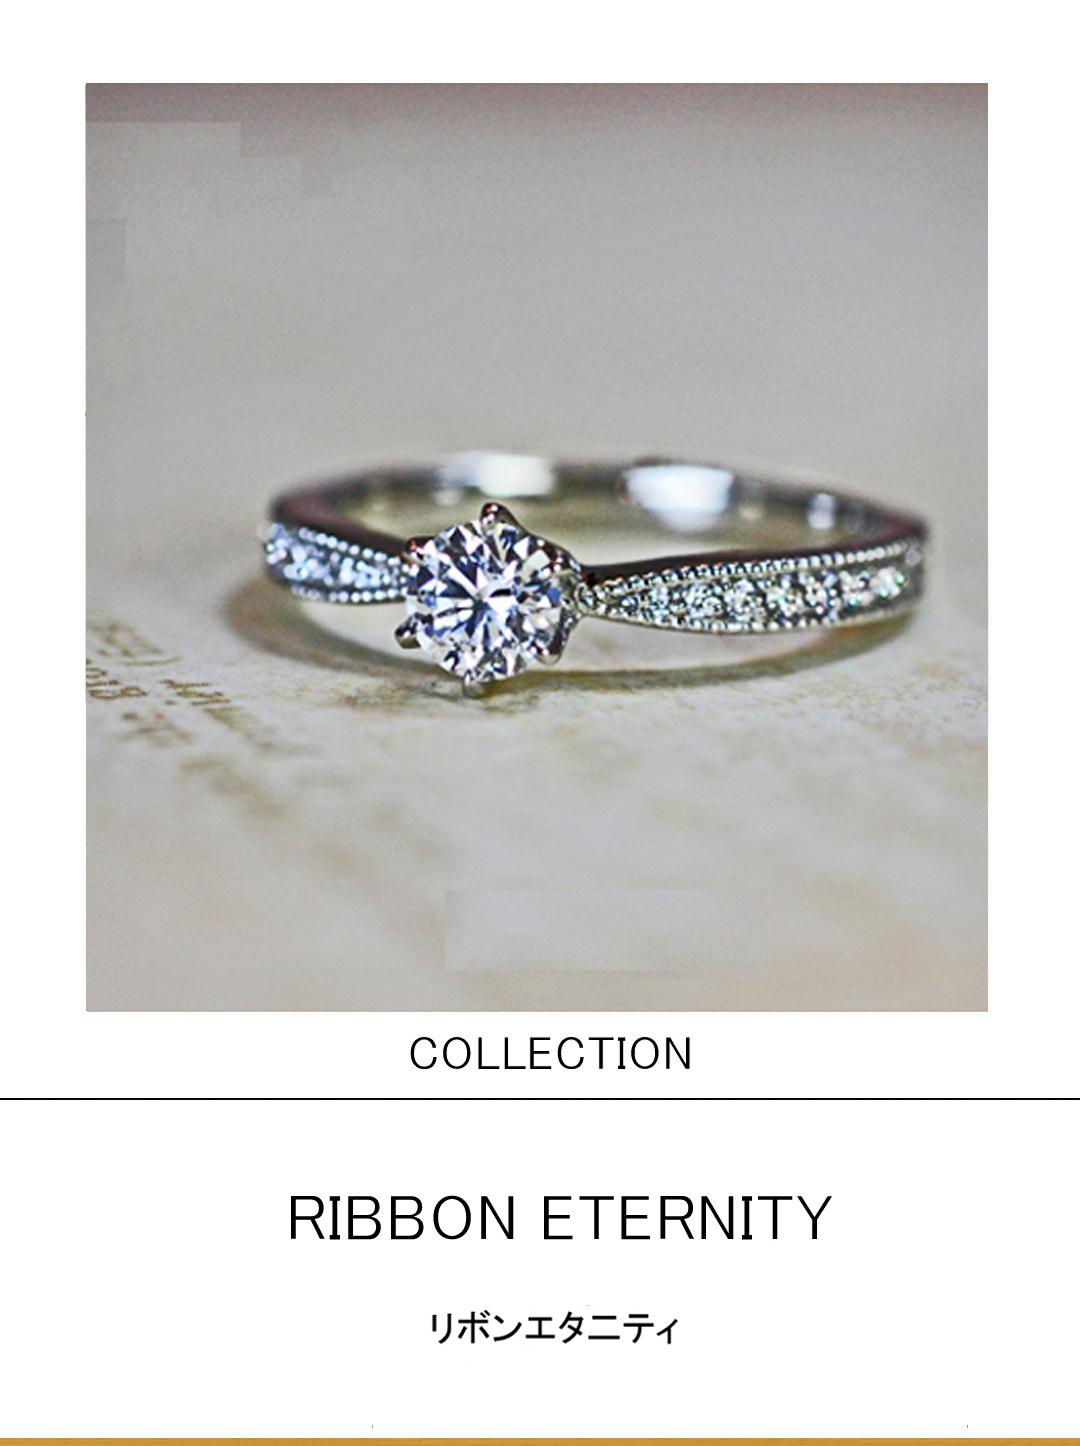 サイドステッチ入りのリボンをデザインしたエタニティ婚約指輪のサムネイル